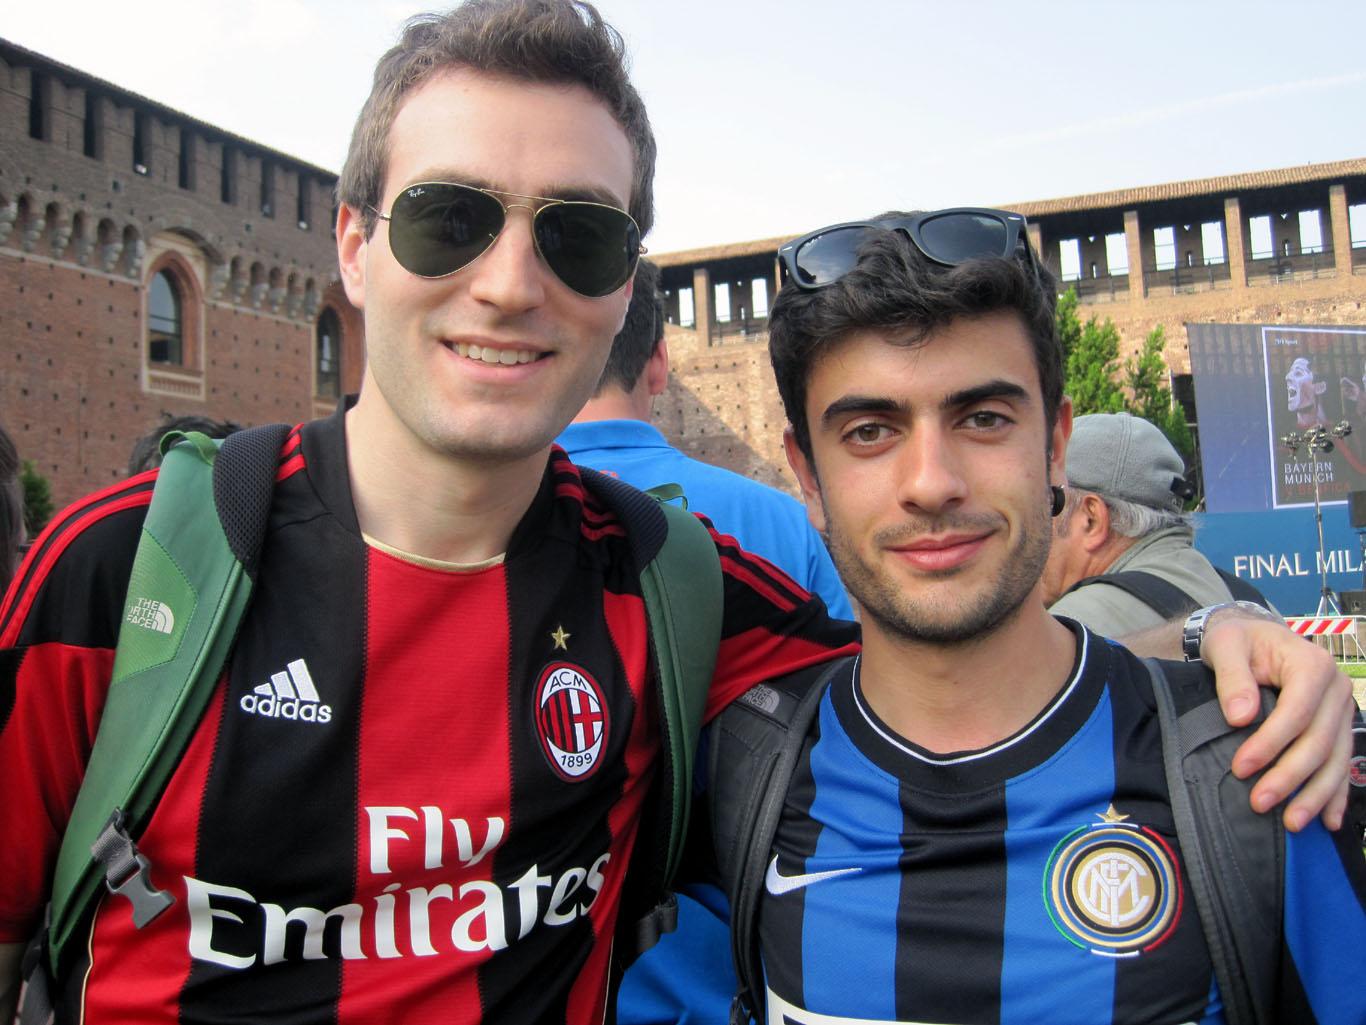 Os estudantes de engenharia Andrea Pietra (torcedor do Milan) e Luigi Ghiani afirmam que é incomum as pessoas se referirem ao estádio pelo nome de Meazza